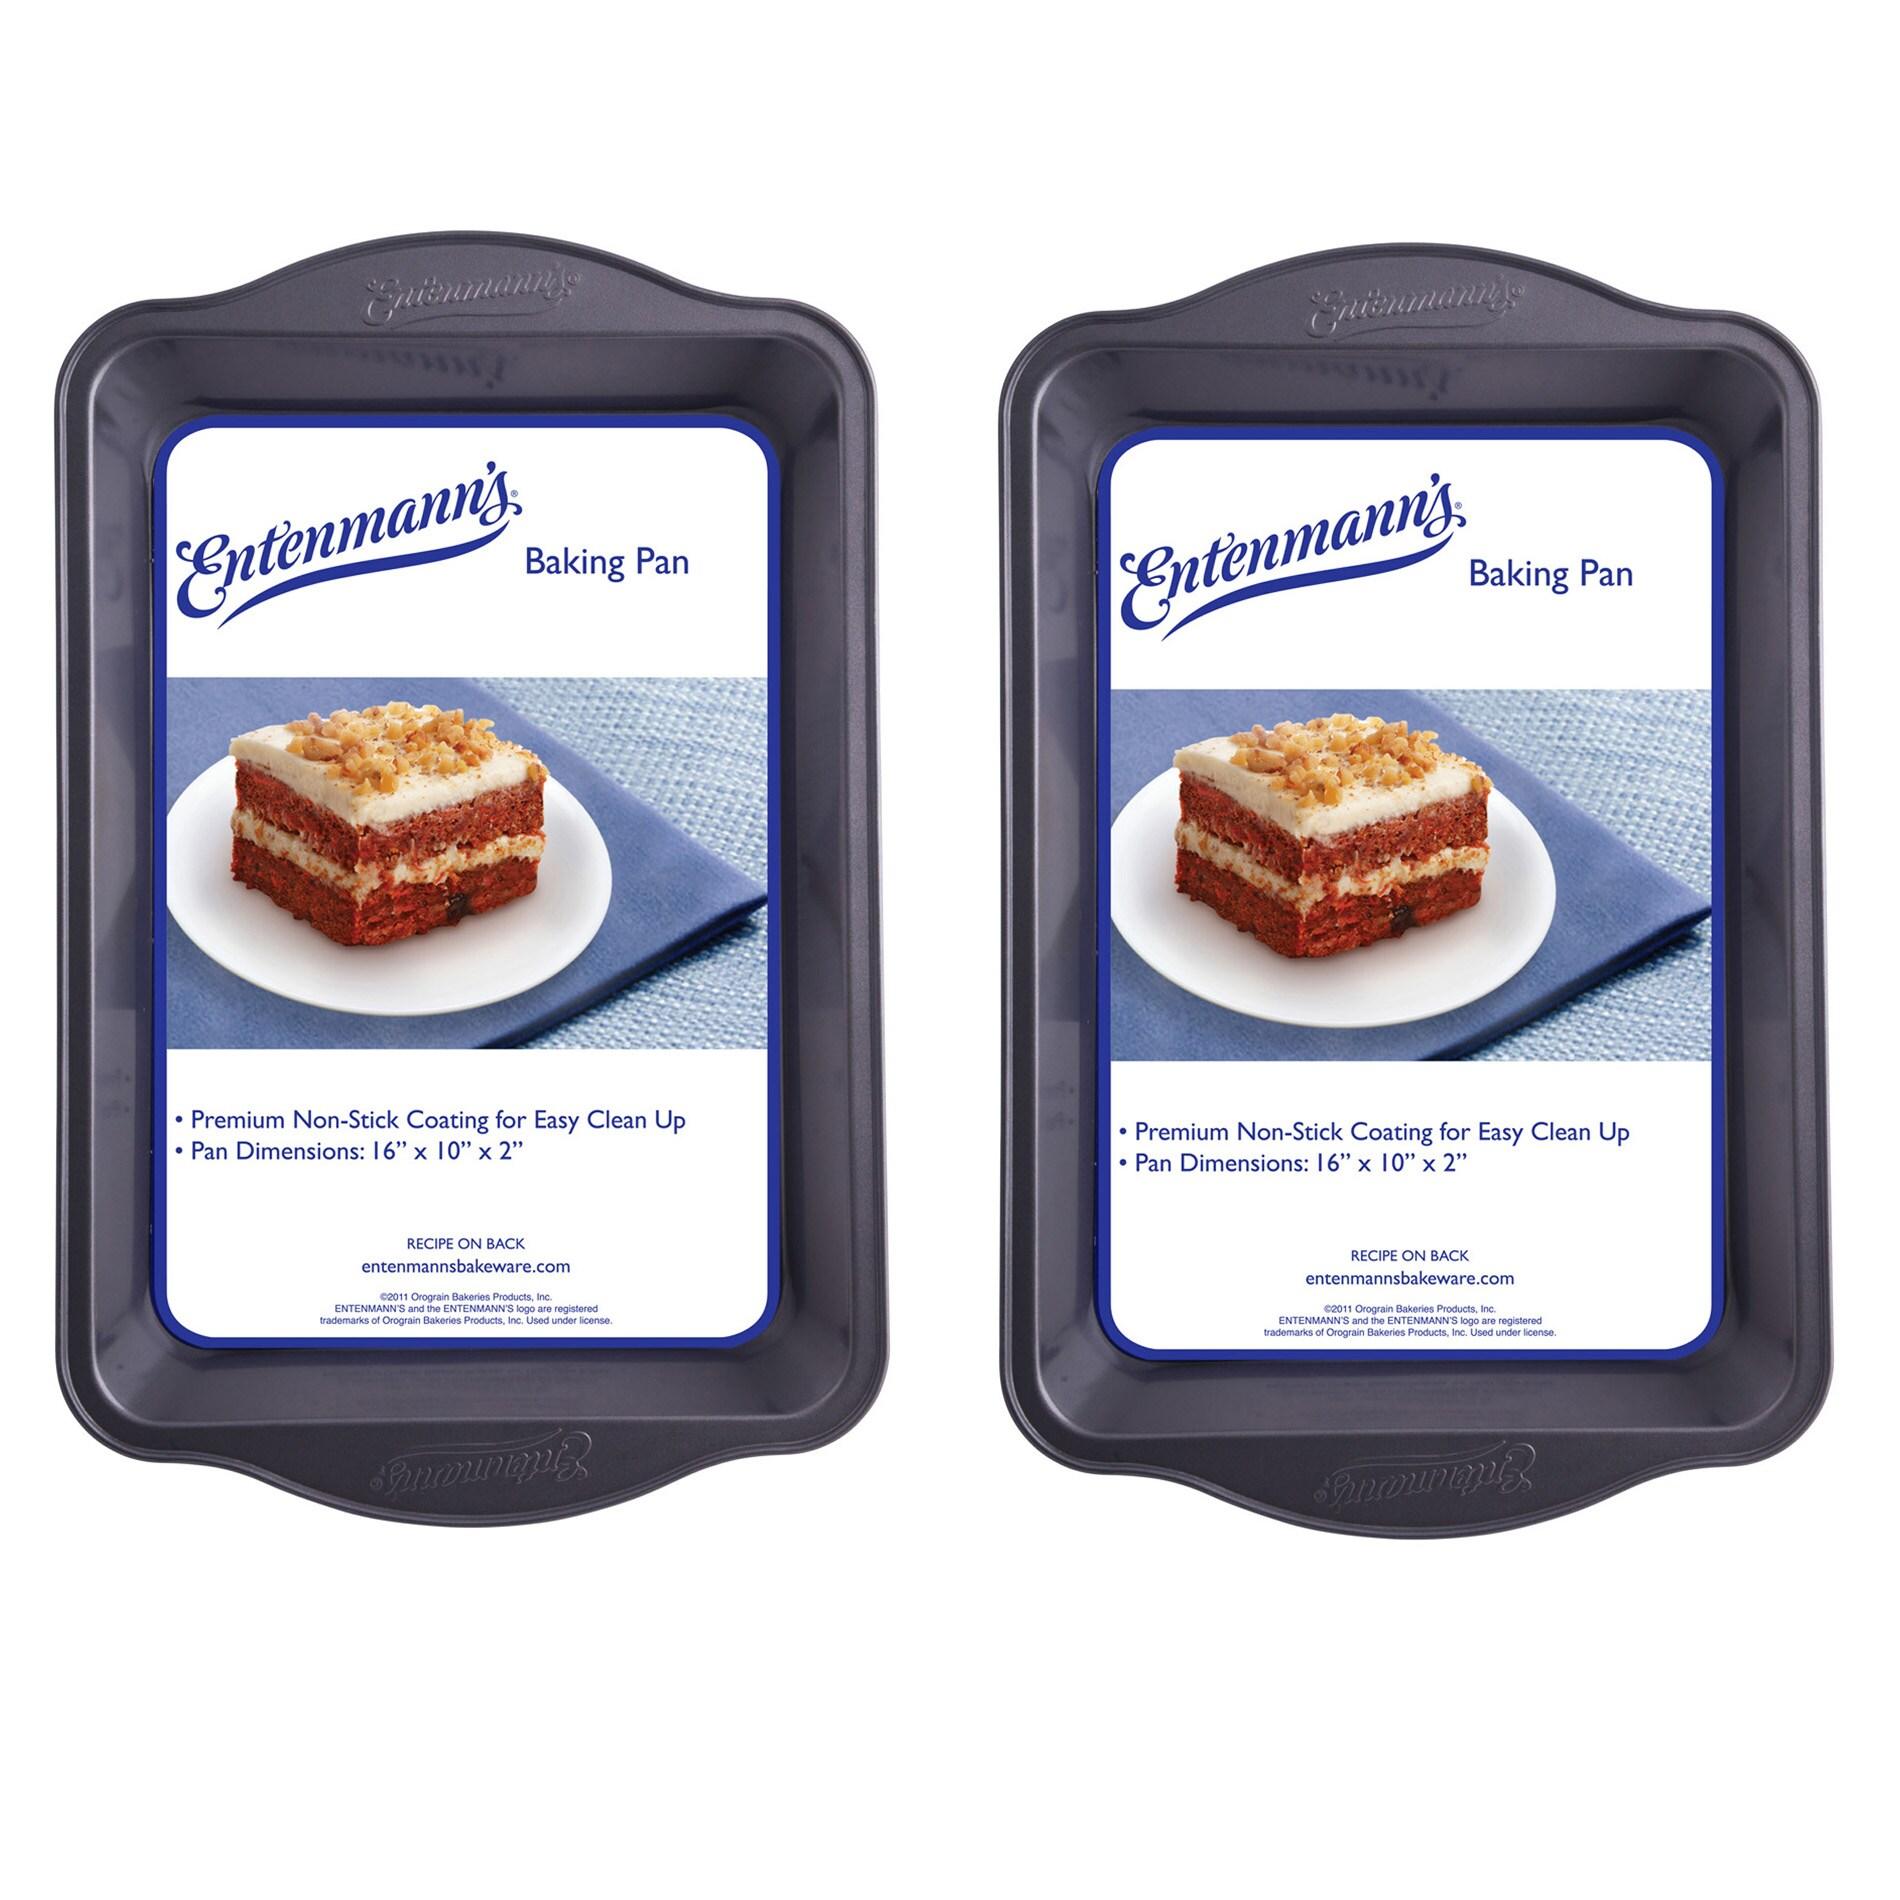 Entenmann's Classic Baking Pan Set